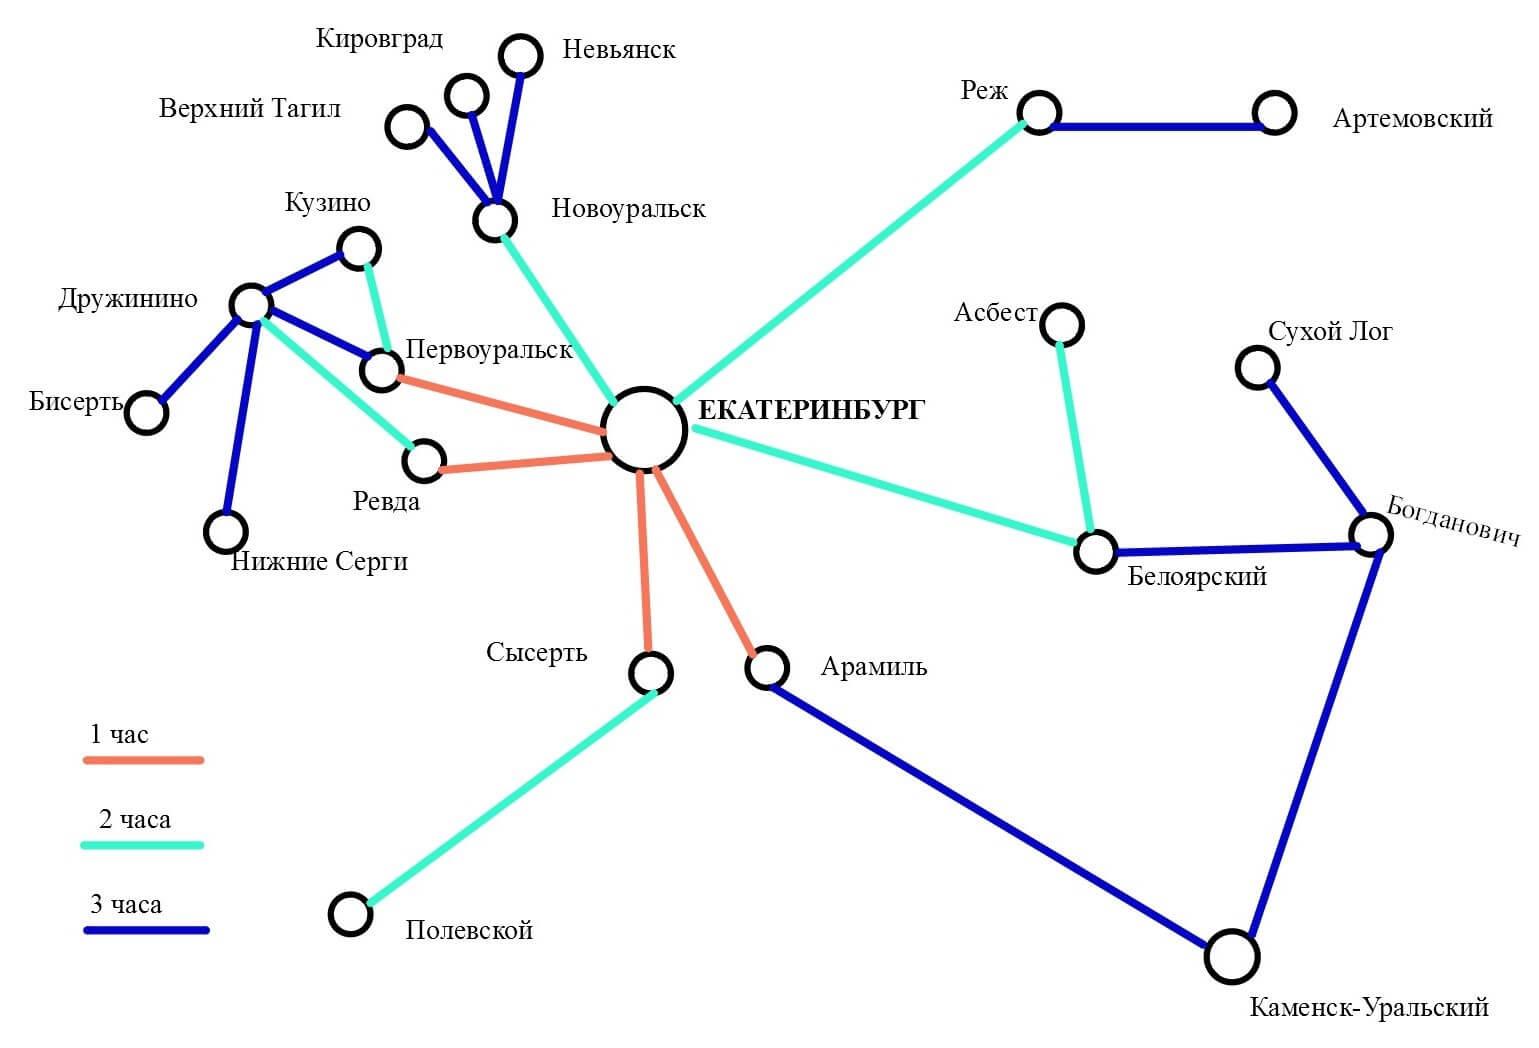 Отображение модели сети с изохронами пригородного железнодорожного пассажирского движения